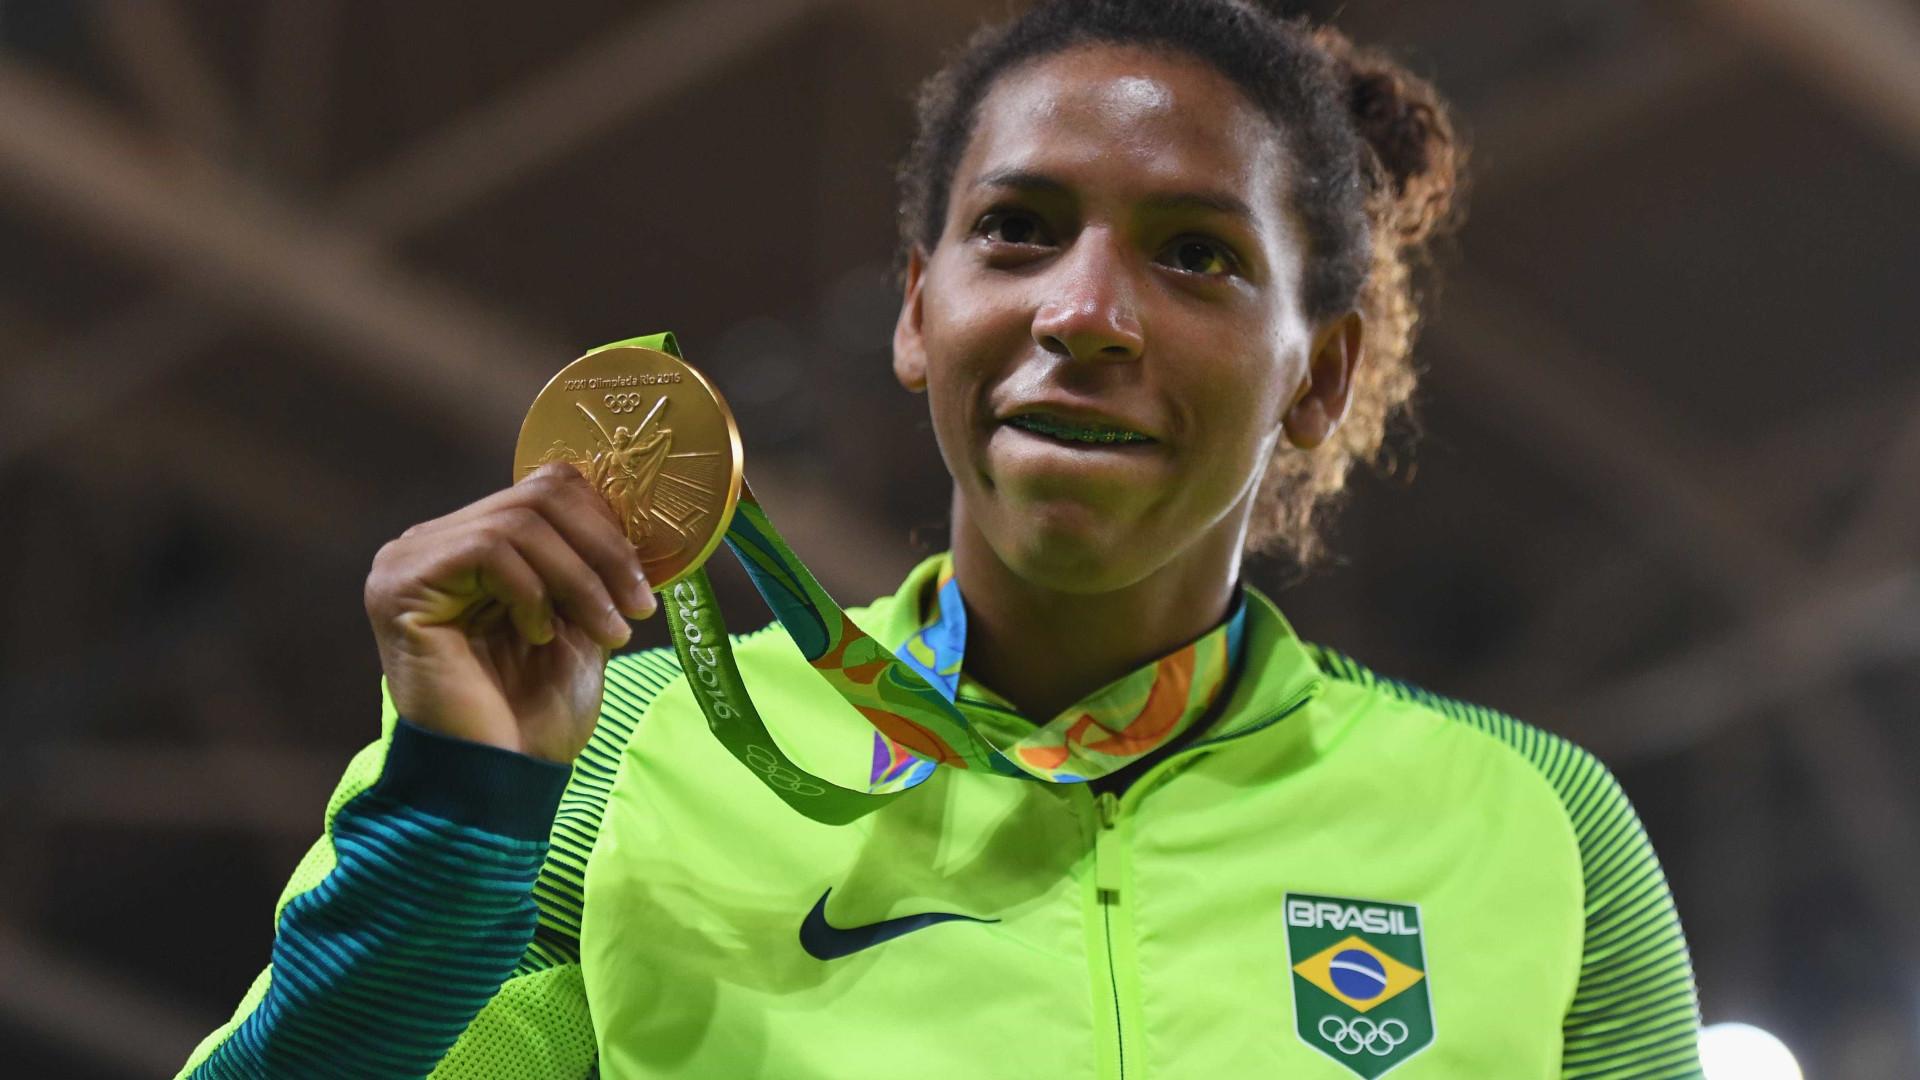 Medalha de ouro na Rio 2016, Rafaela Silva é vítima de racismo de PMs